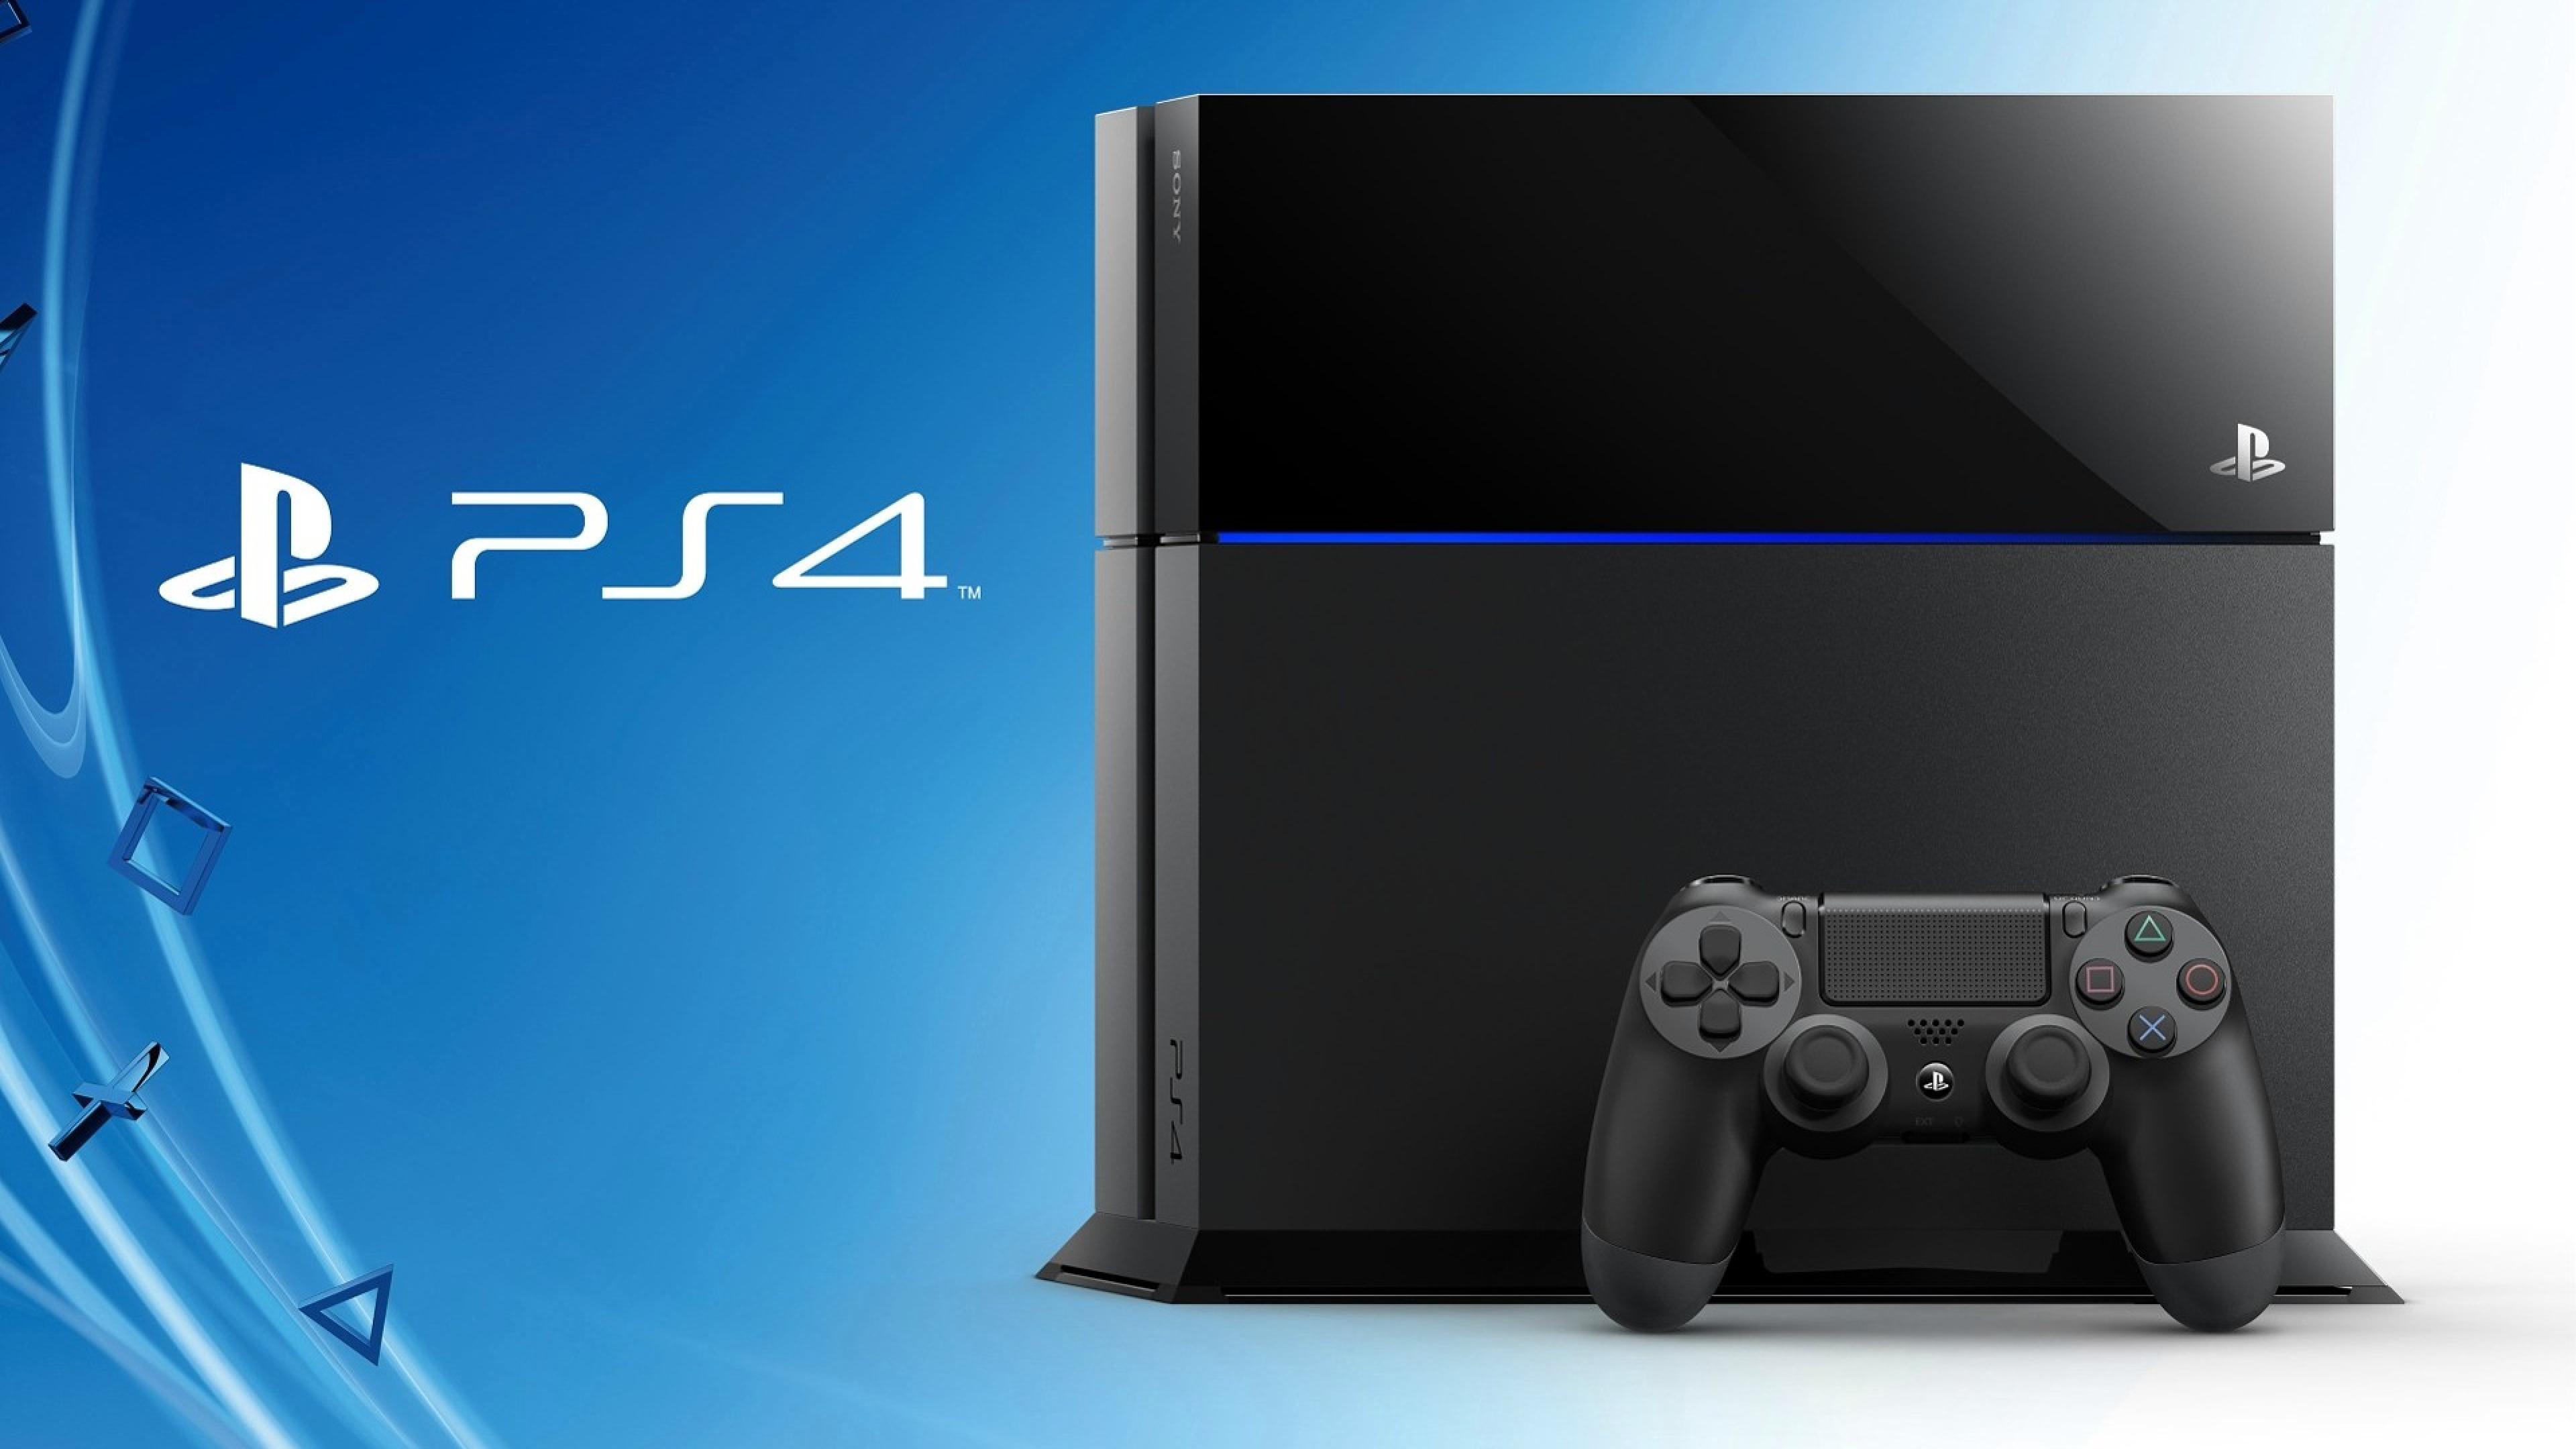 Hackerlər, PS4-də pirat oyunları işə salmaq üsulunu tapıblar